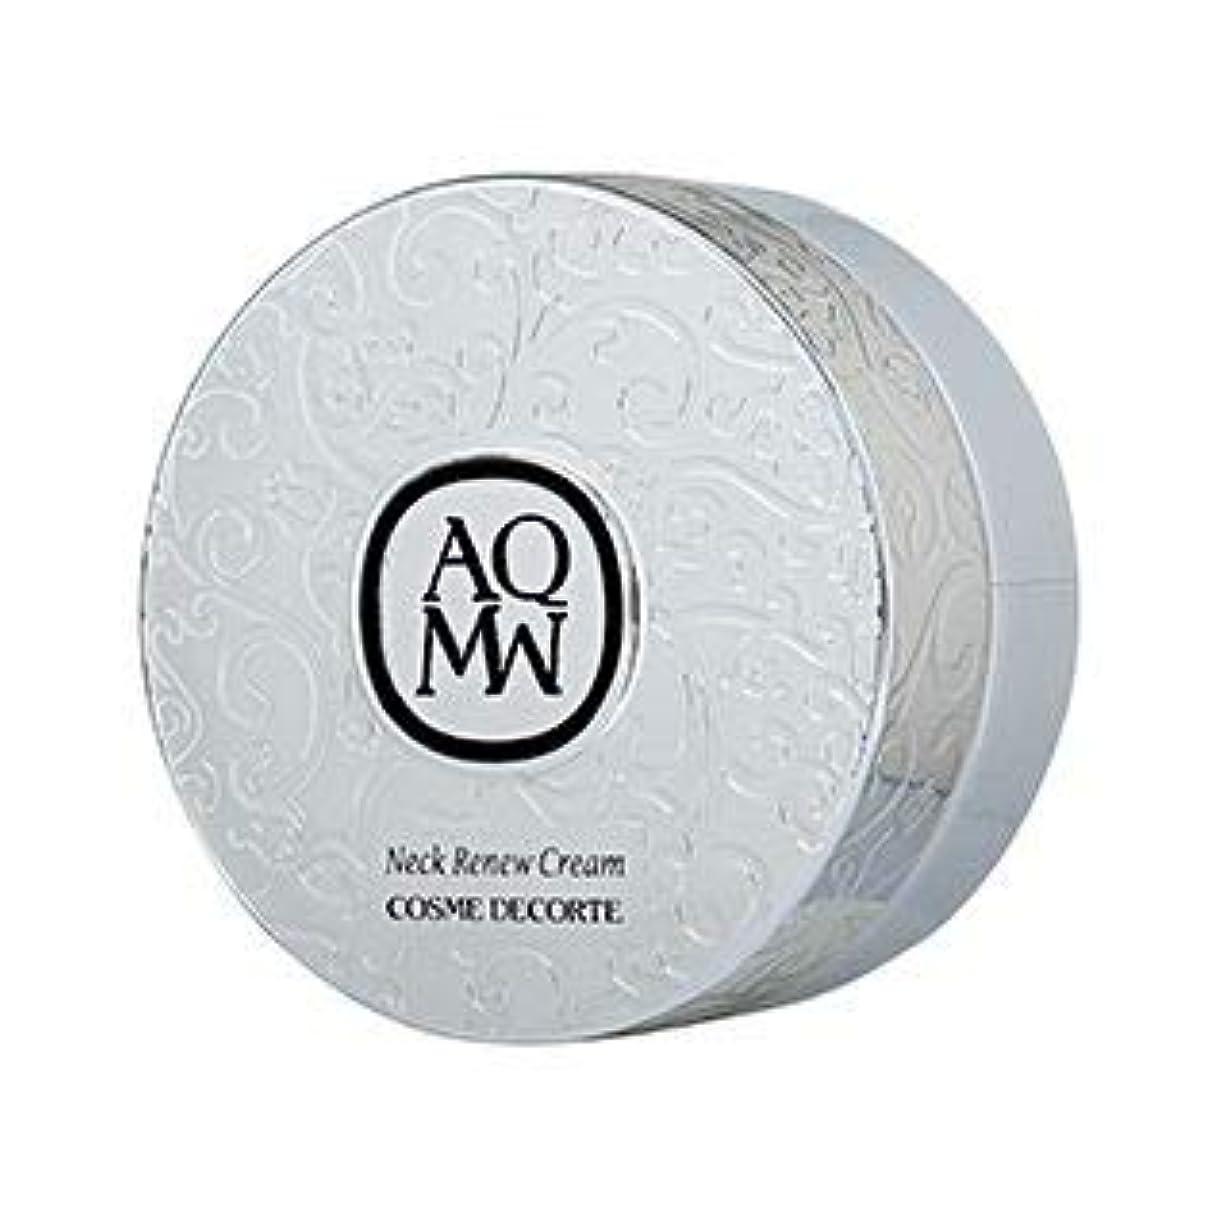 月曜トラップ可能性コスメデコルテ(Cosme Decorte) AQMW ネック リニュークリーム 50g [並行輸入品]